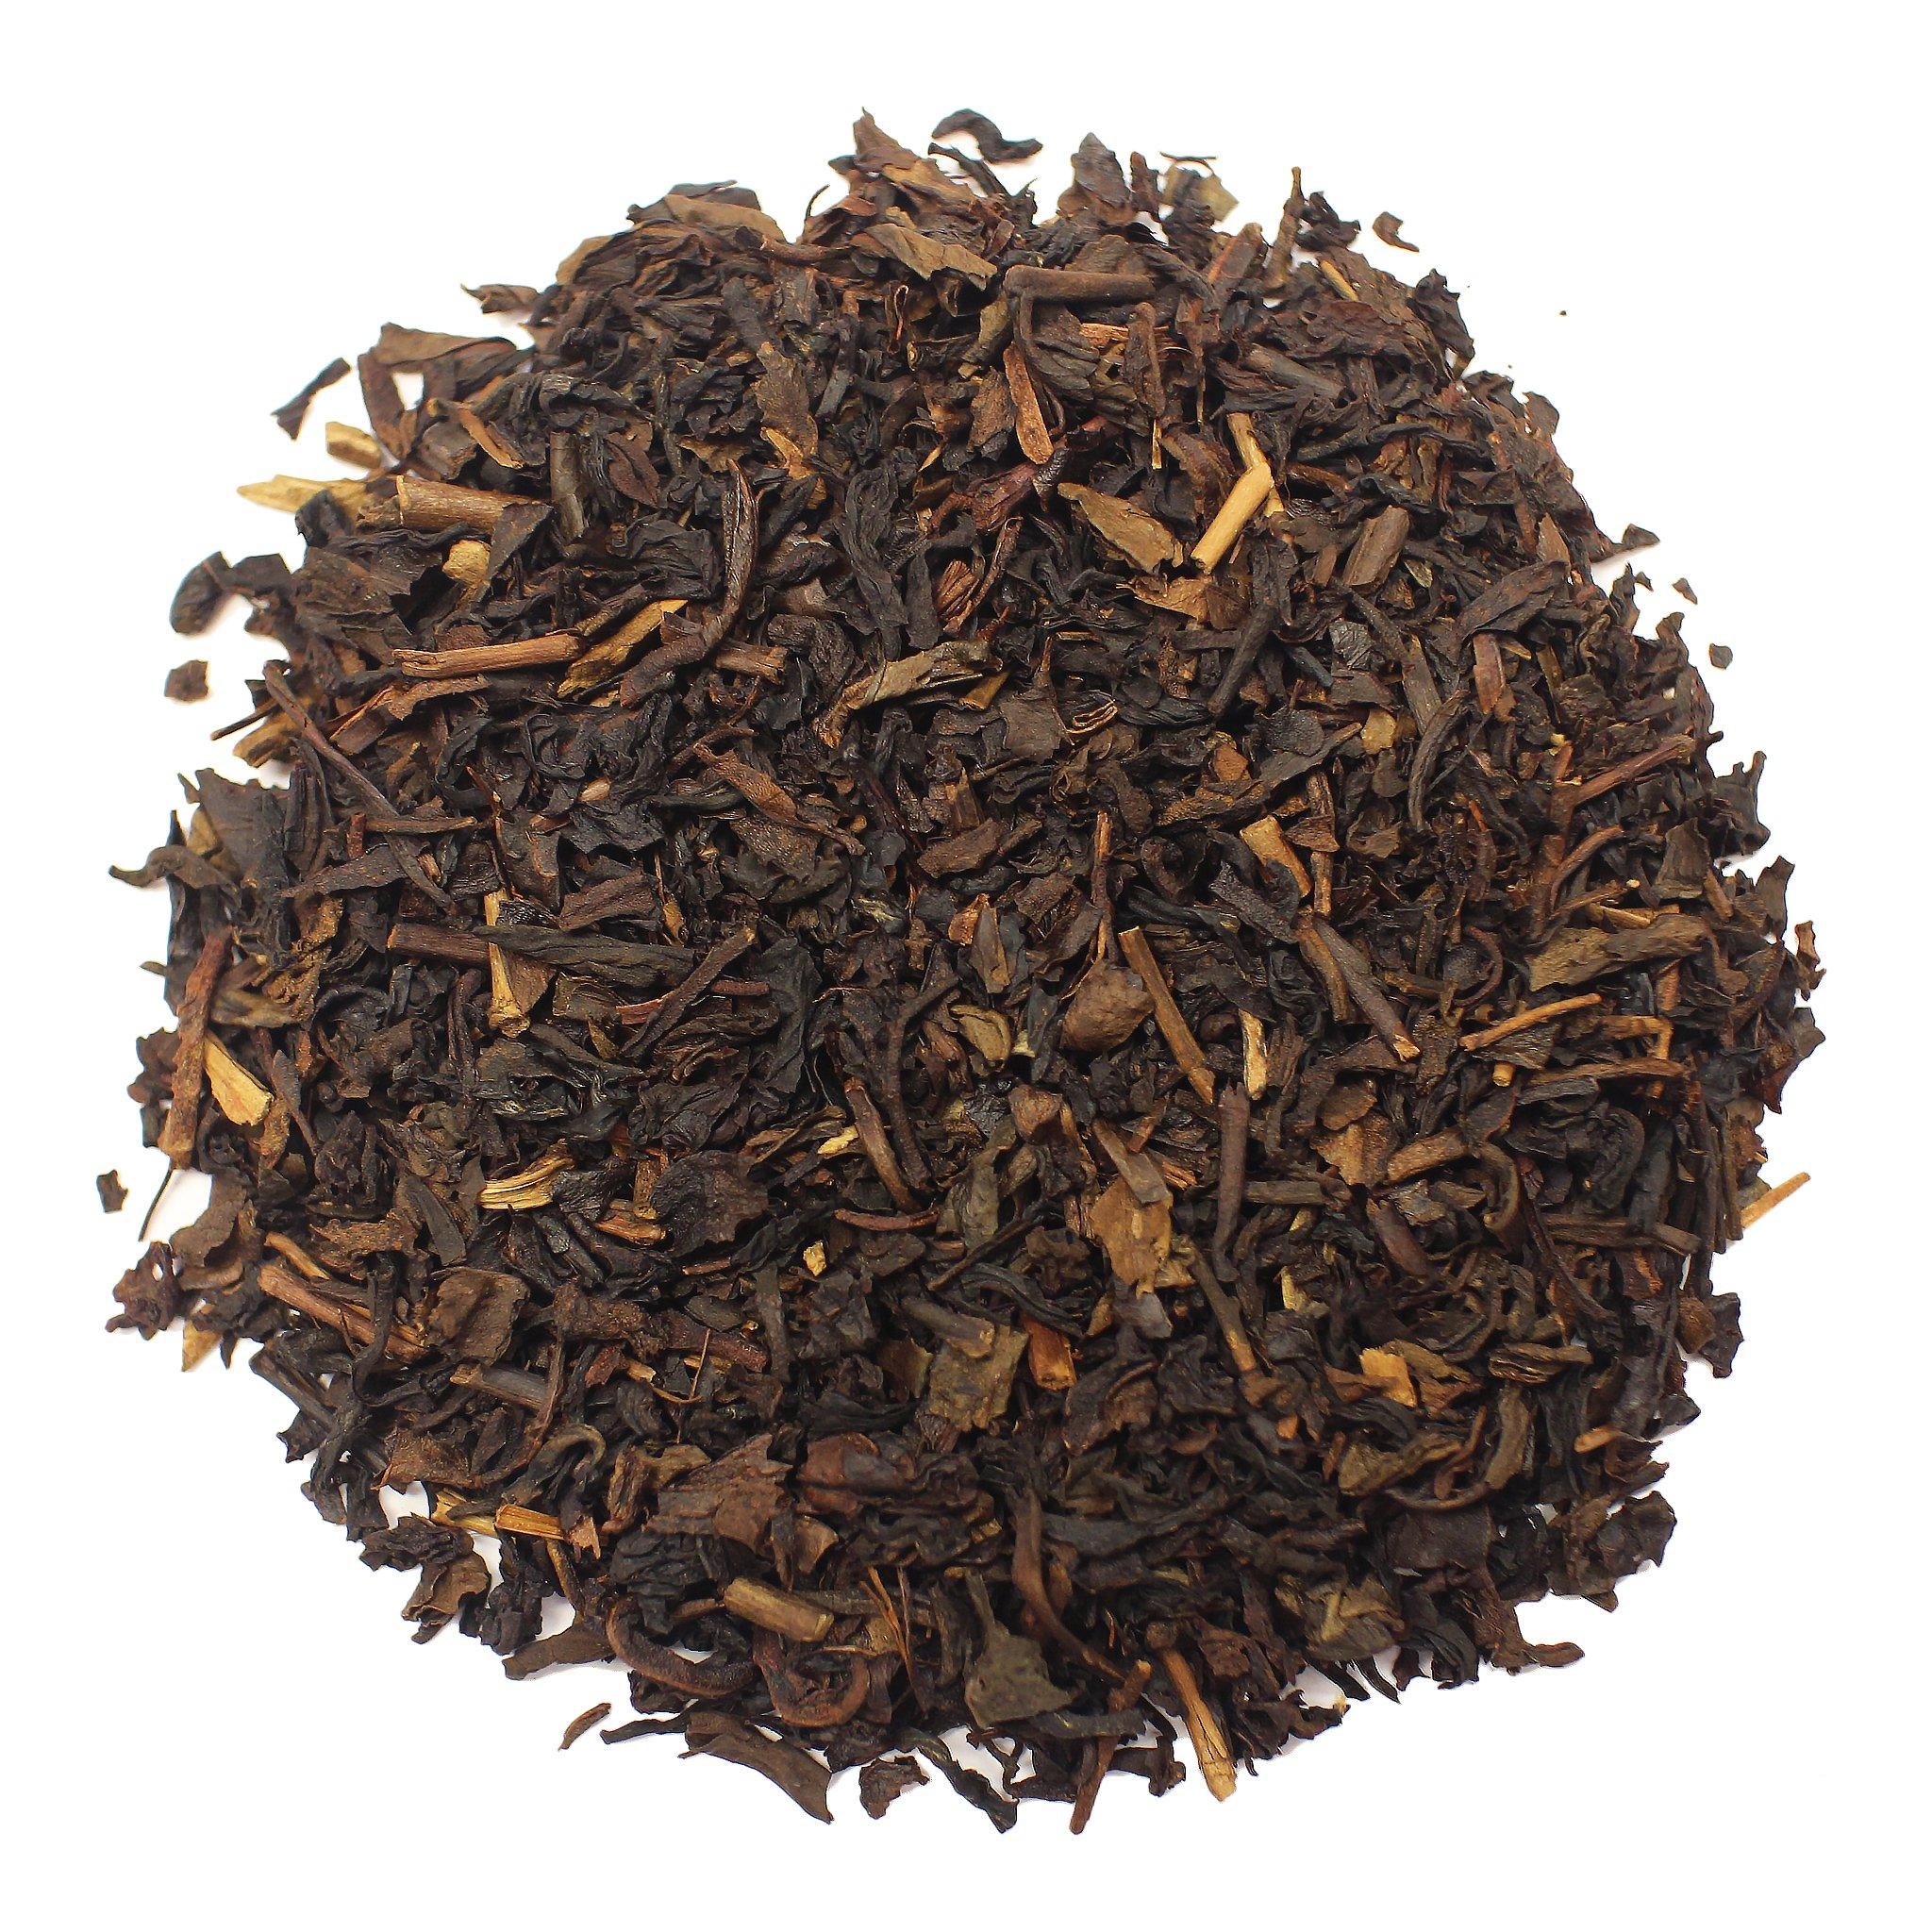 The Tea Farm - Vanilla Oolong Tea - Loose Leaf Oolong Tea (16 Ounce Bag) by The Tea Farm